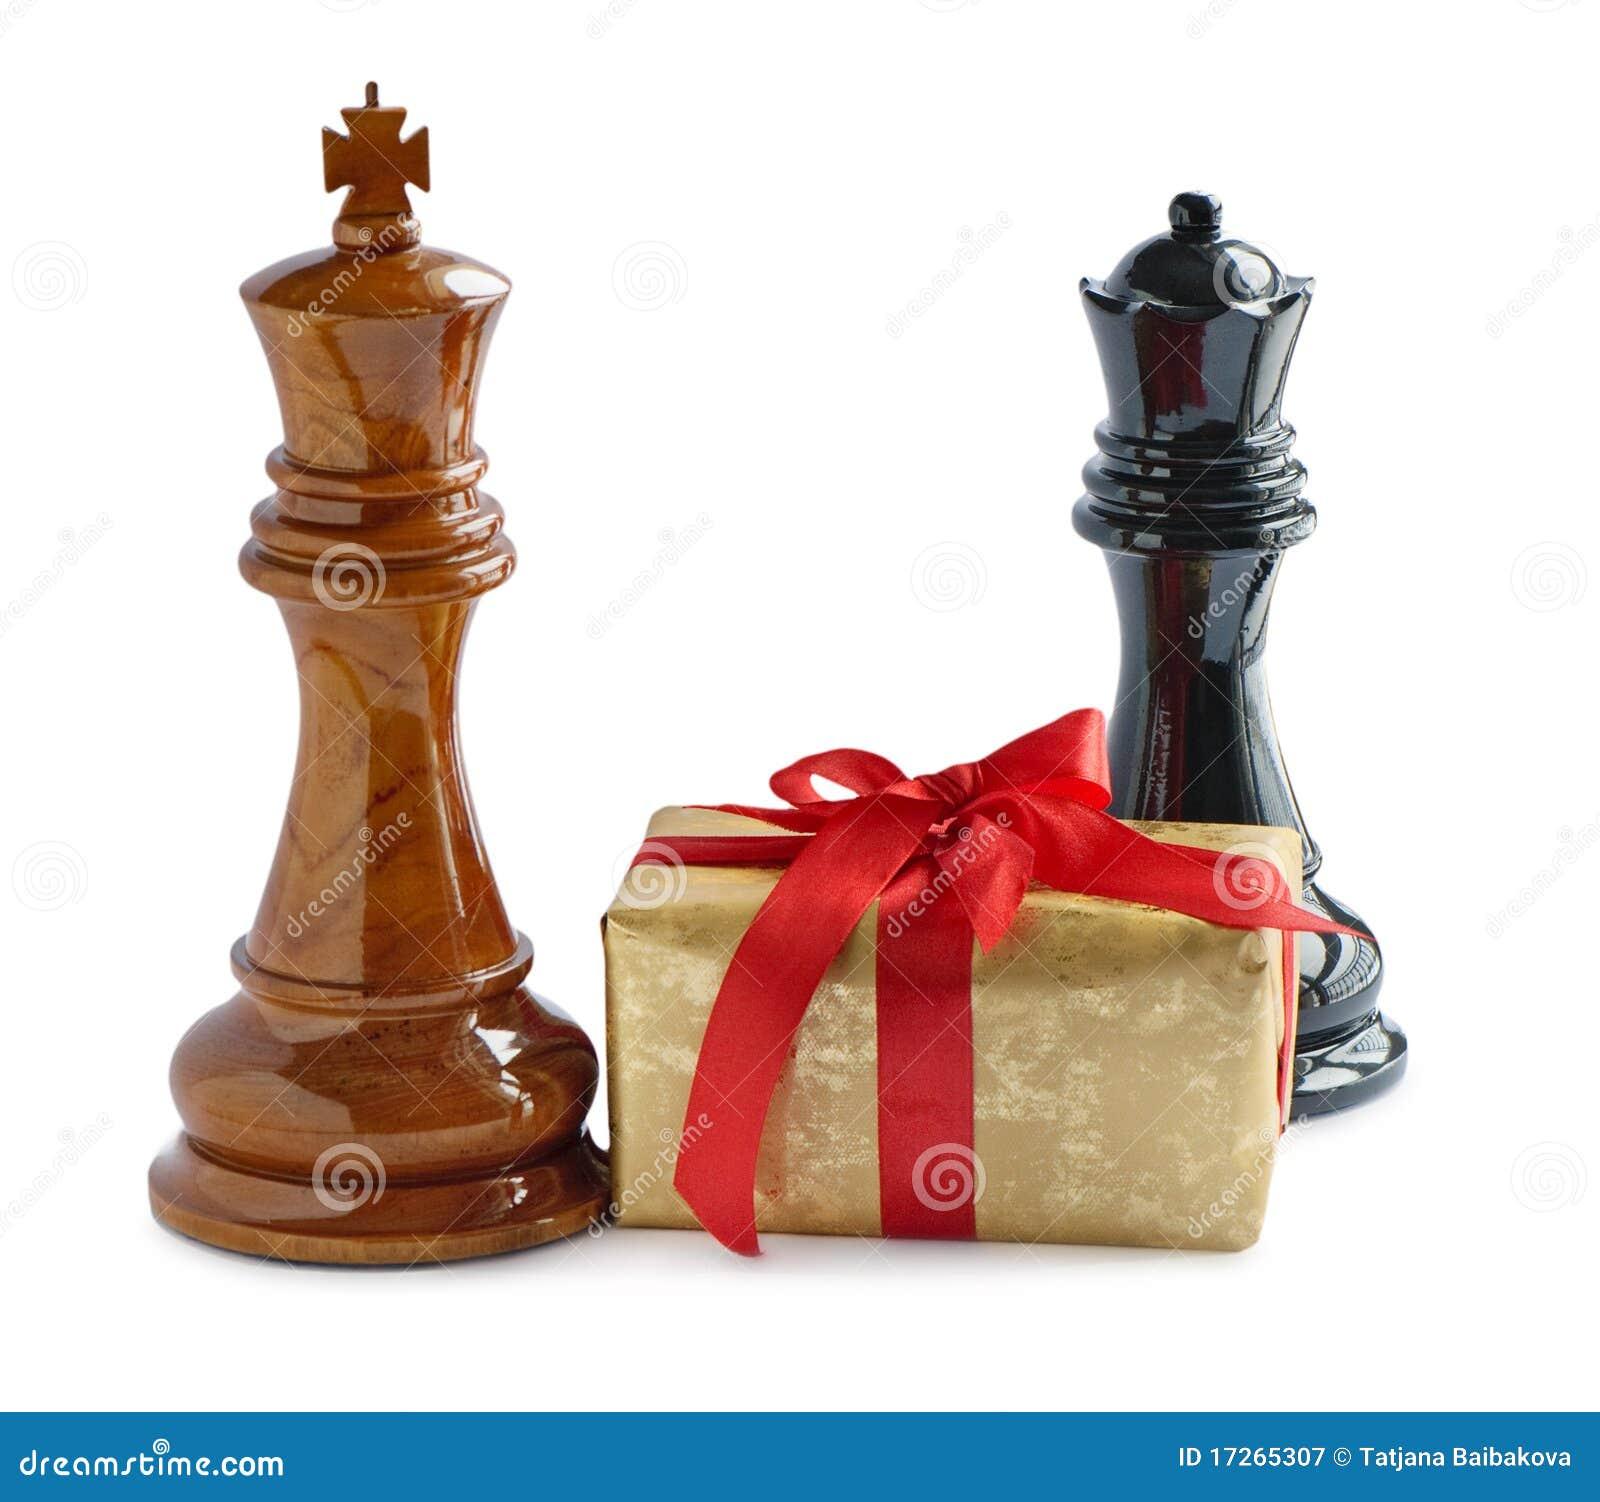 chess-gift-17265307.jpg